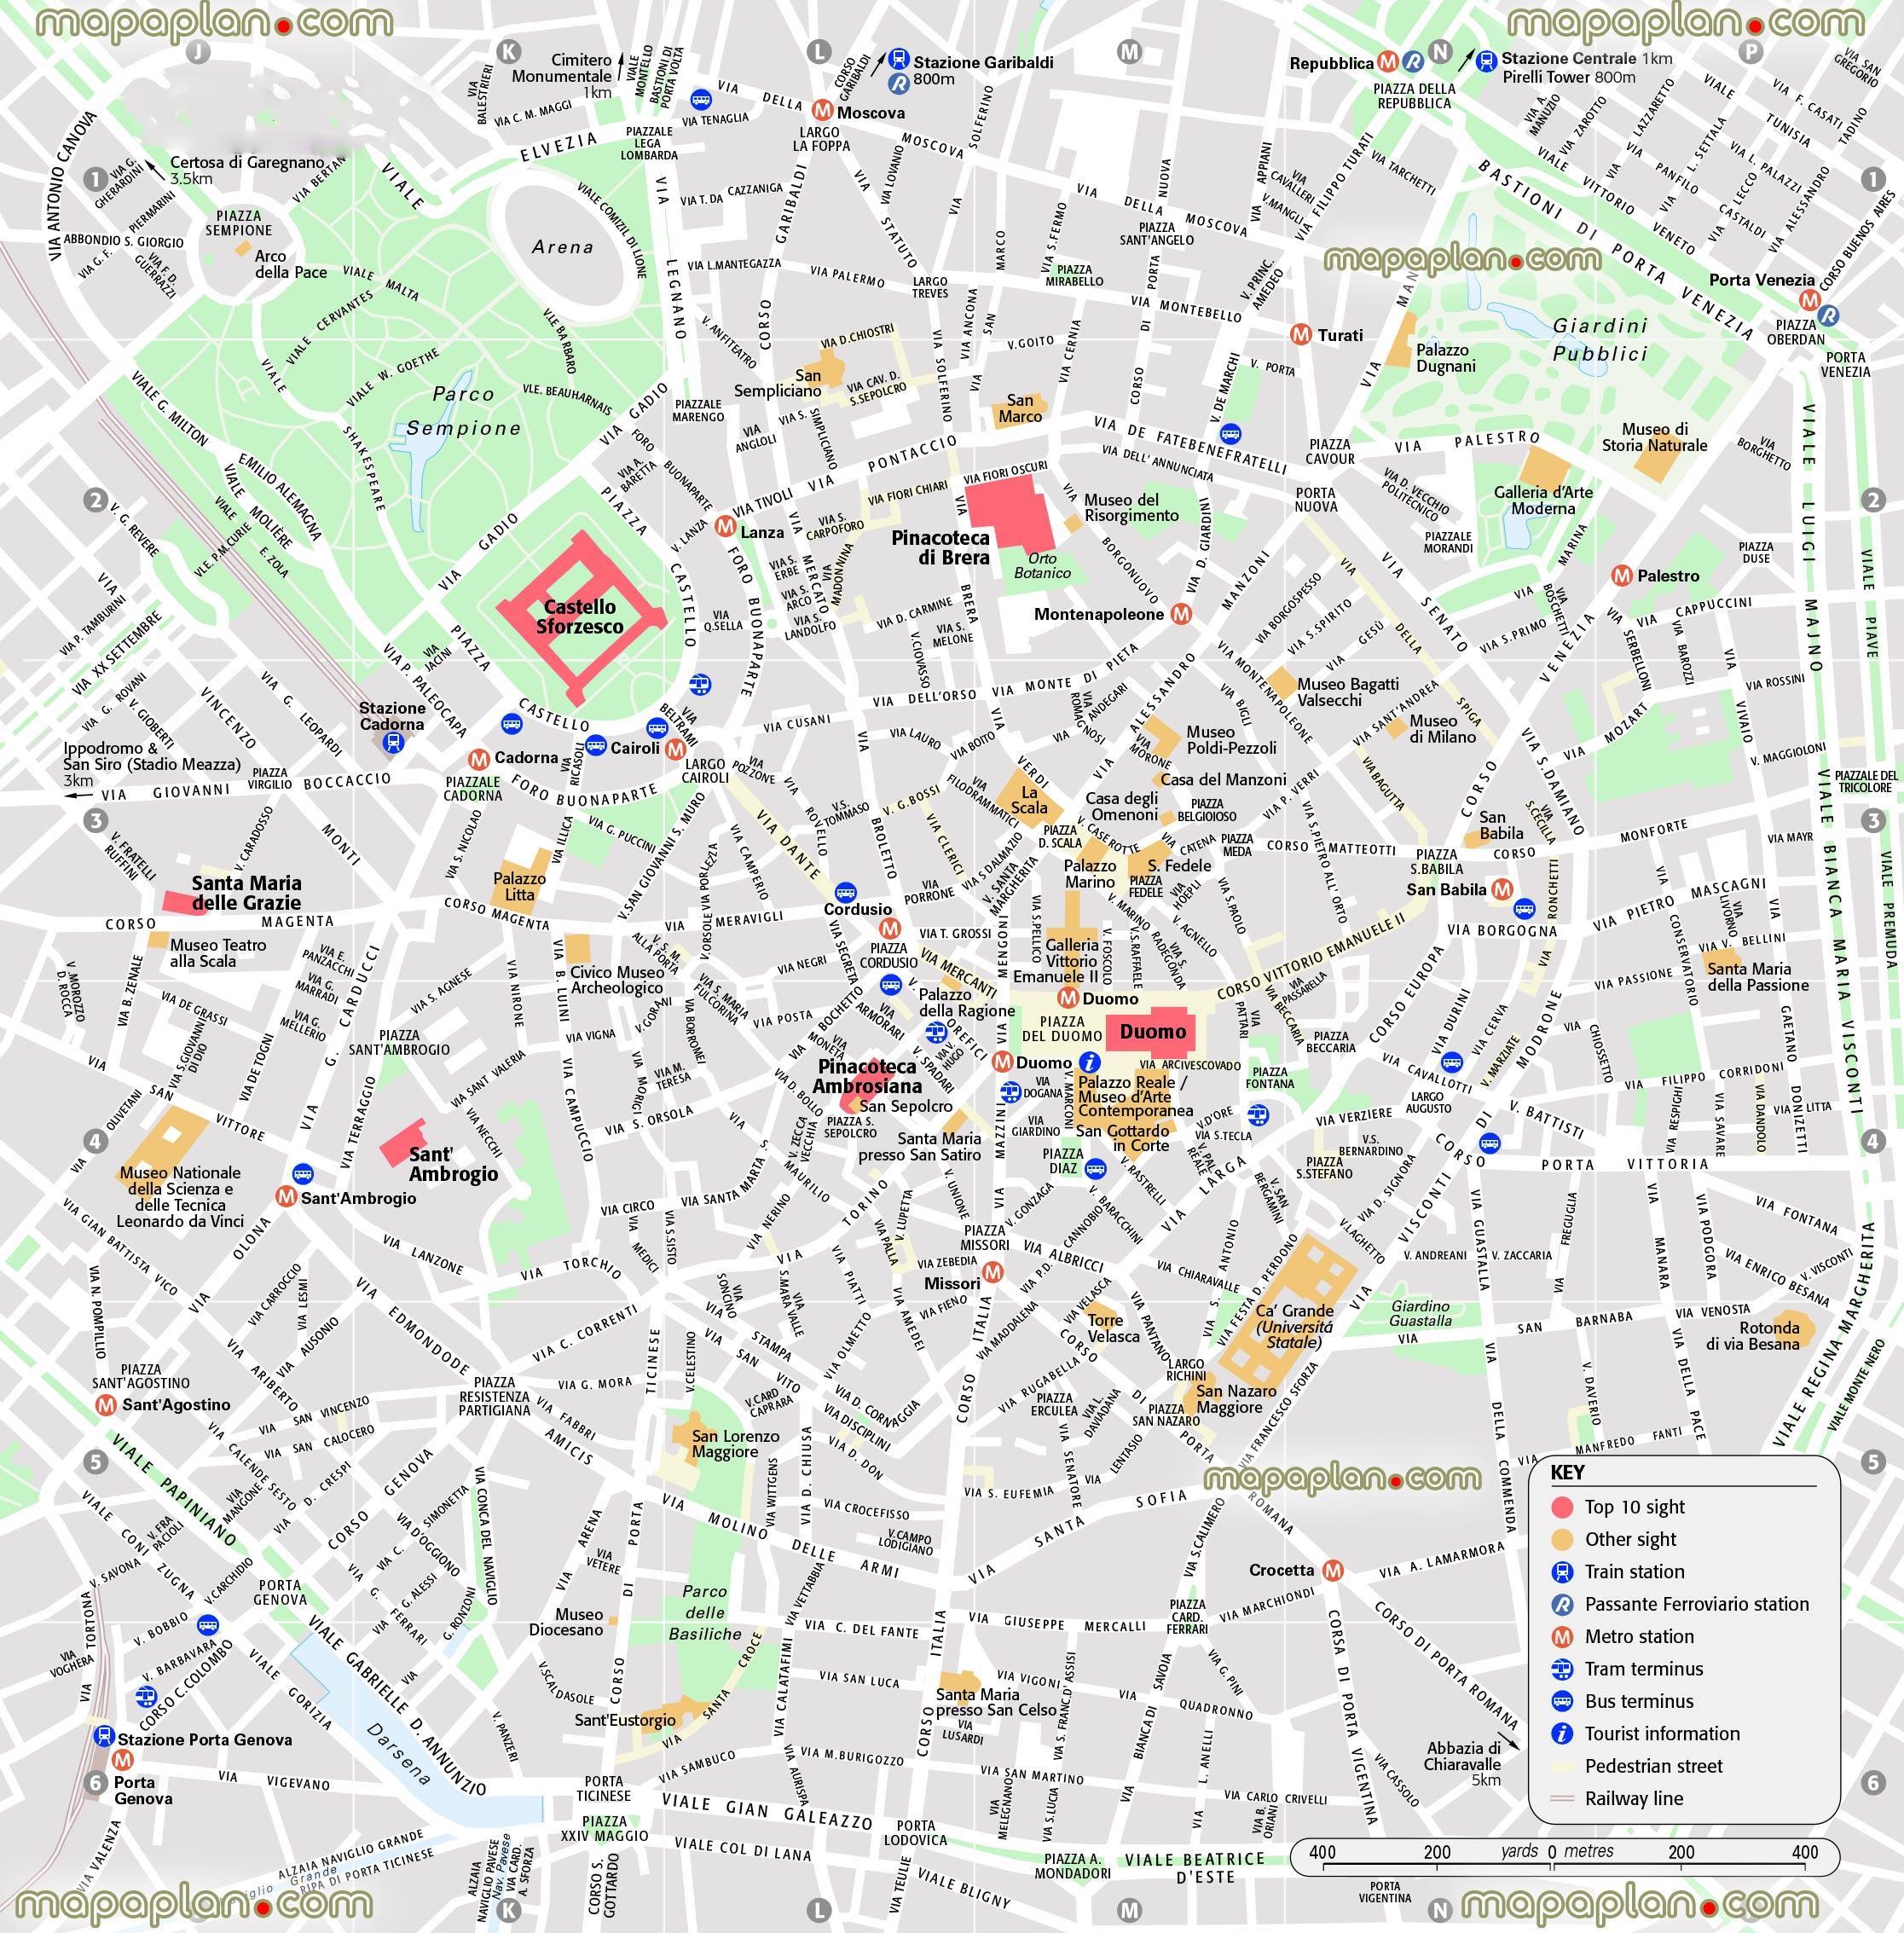 Kort Over Det Centrale Milano Kort Over Det Centrale Milano